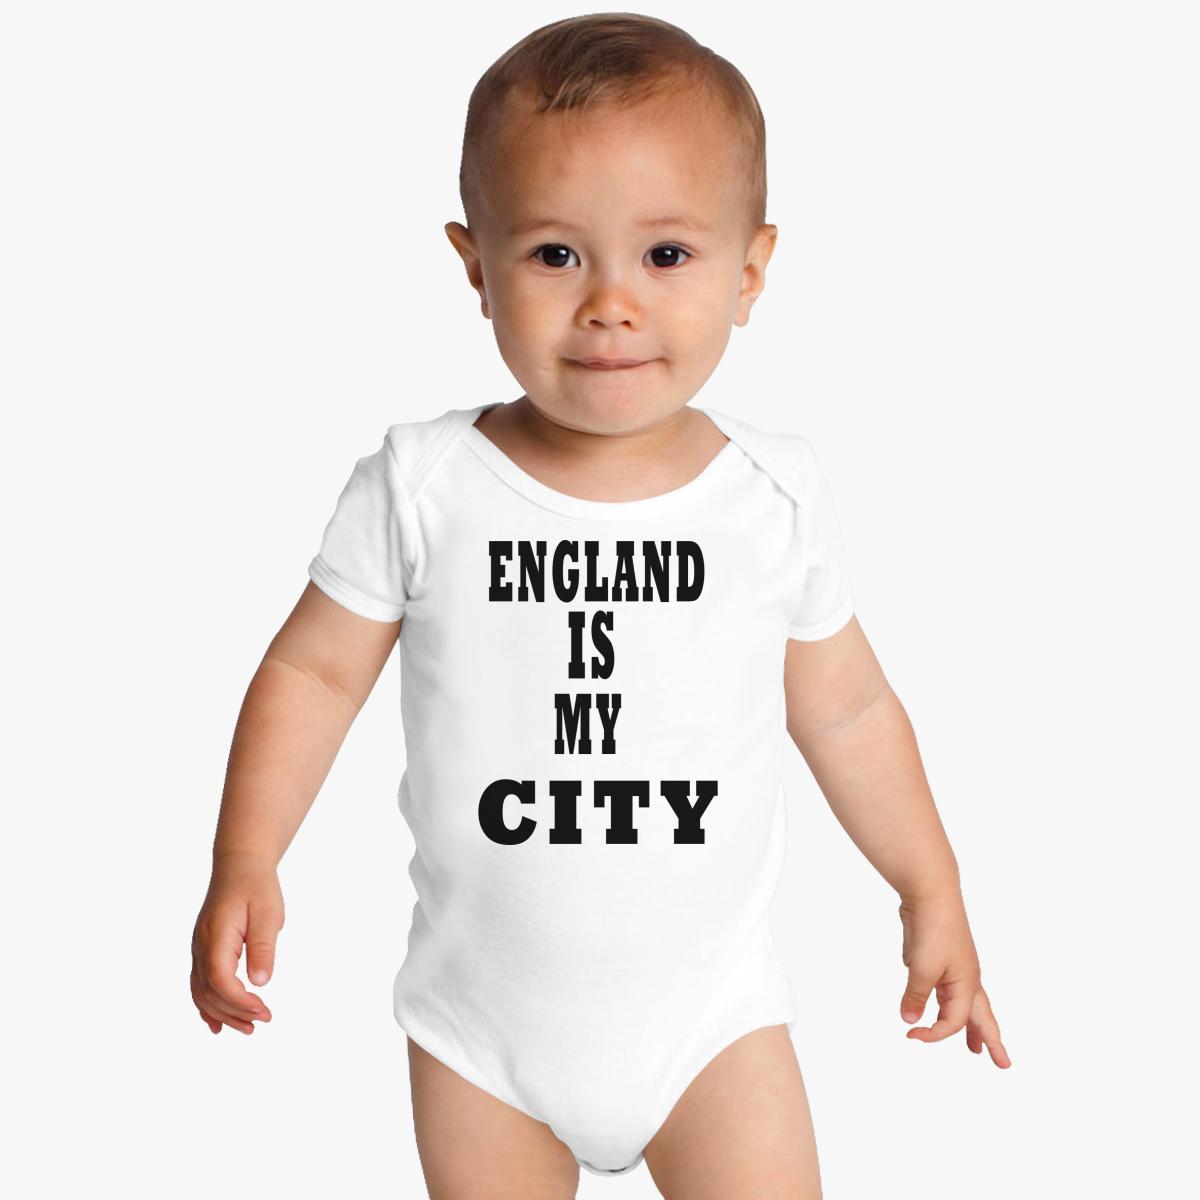 England Is My City Baby Onesies